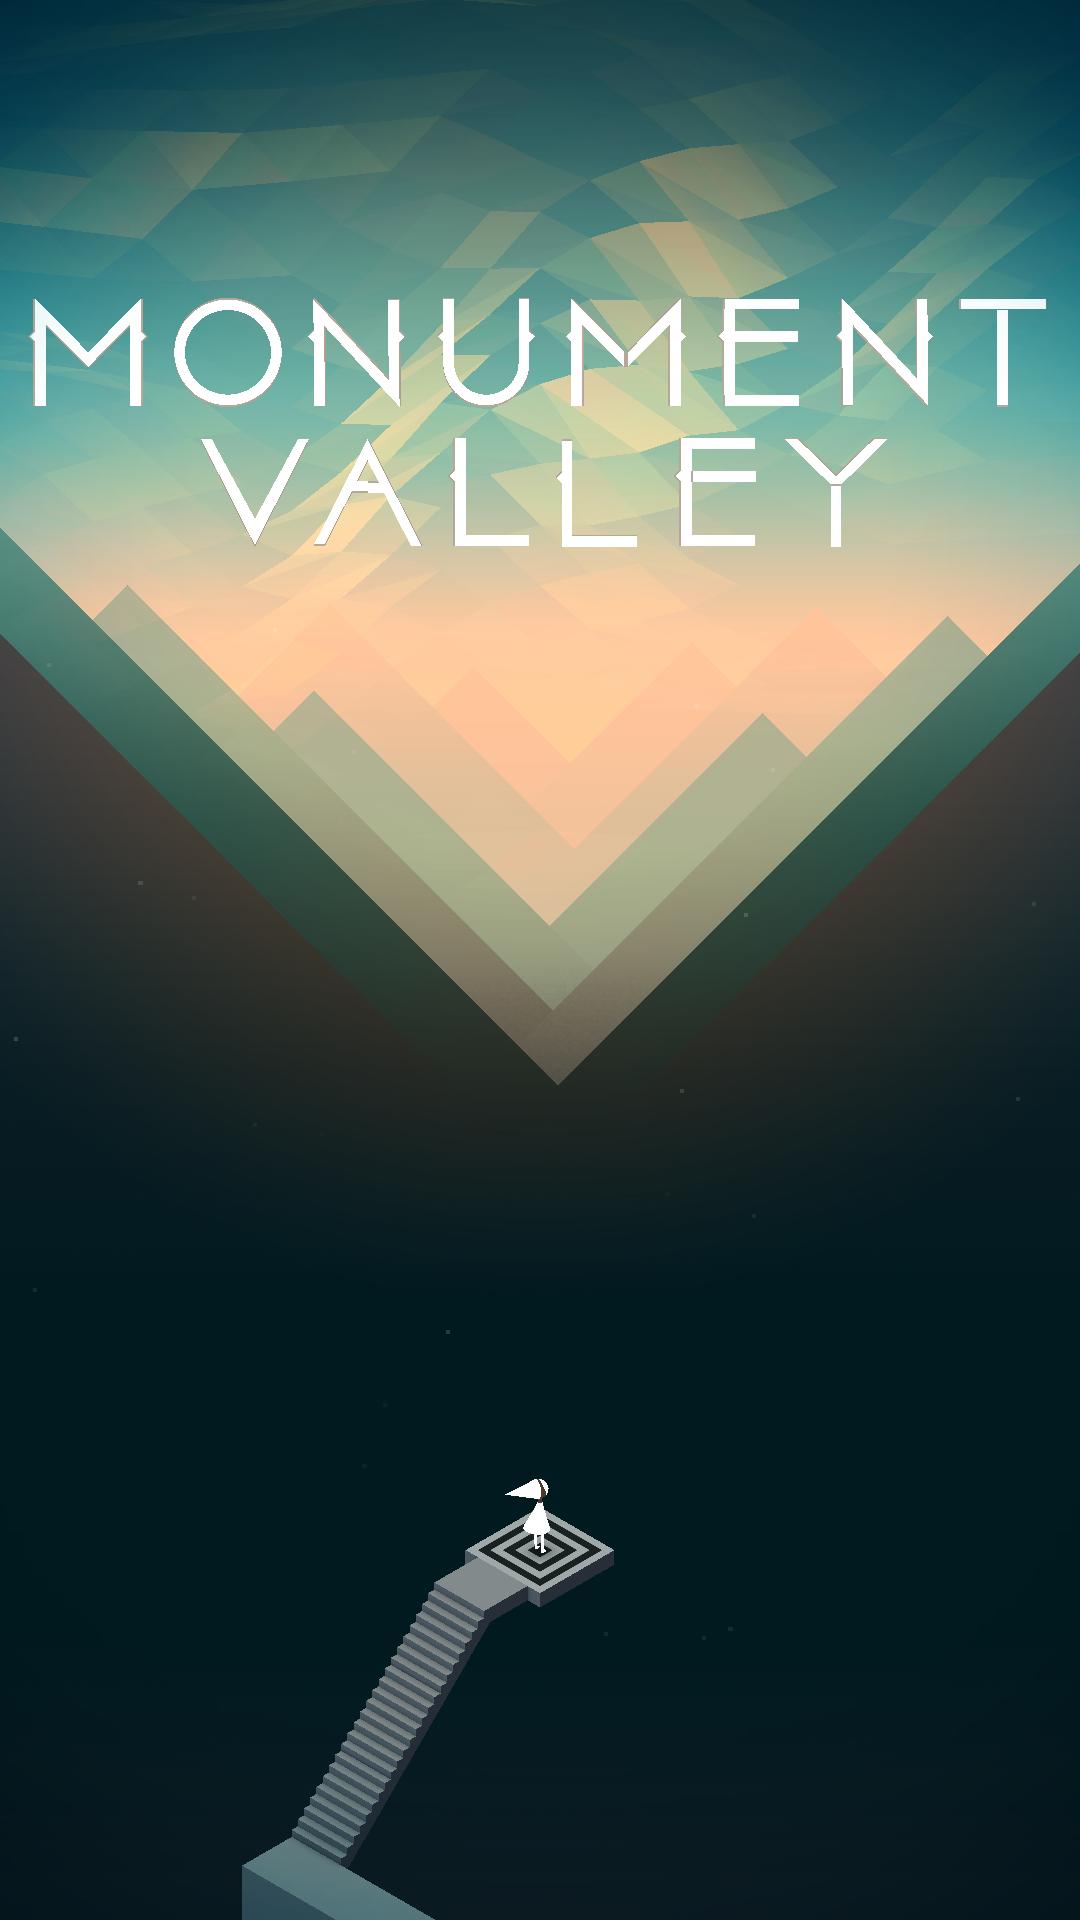 monument valley - jeux pour android - t u00e9l u00e9chargement gratuit  monument valley